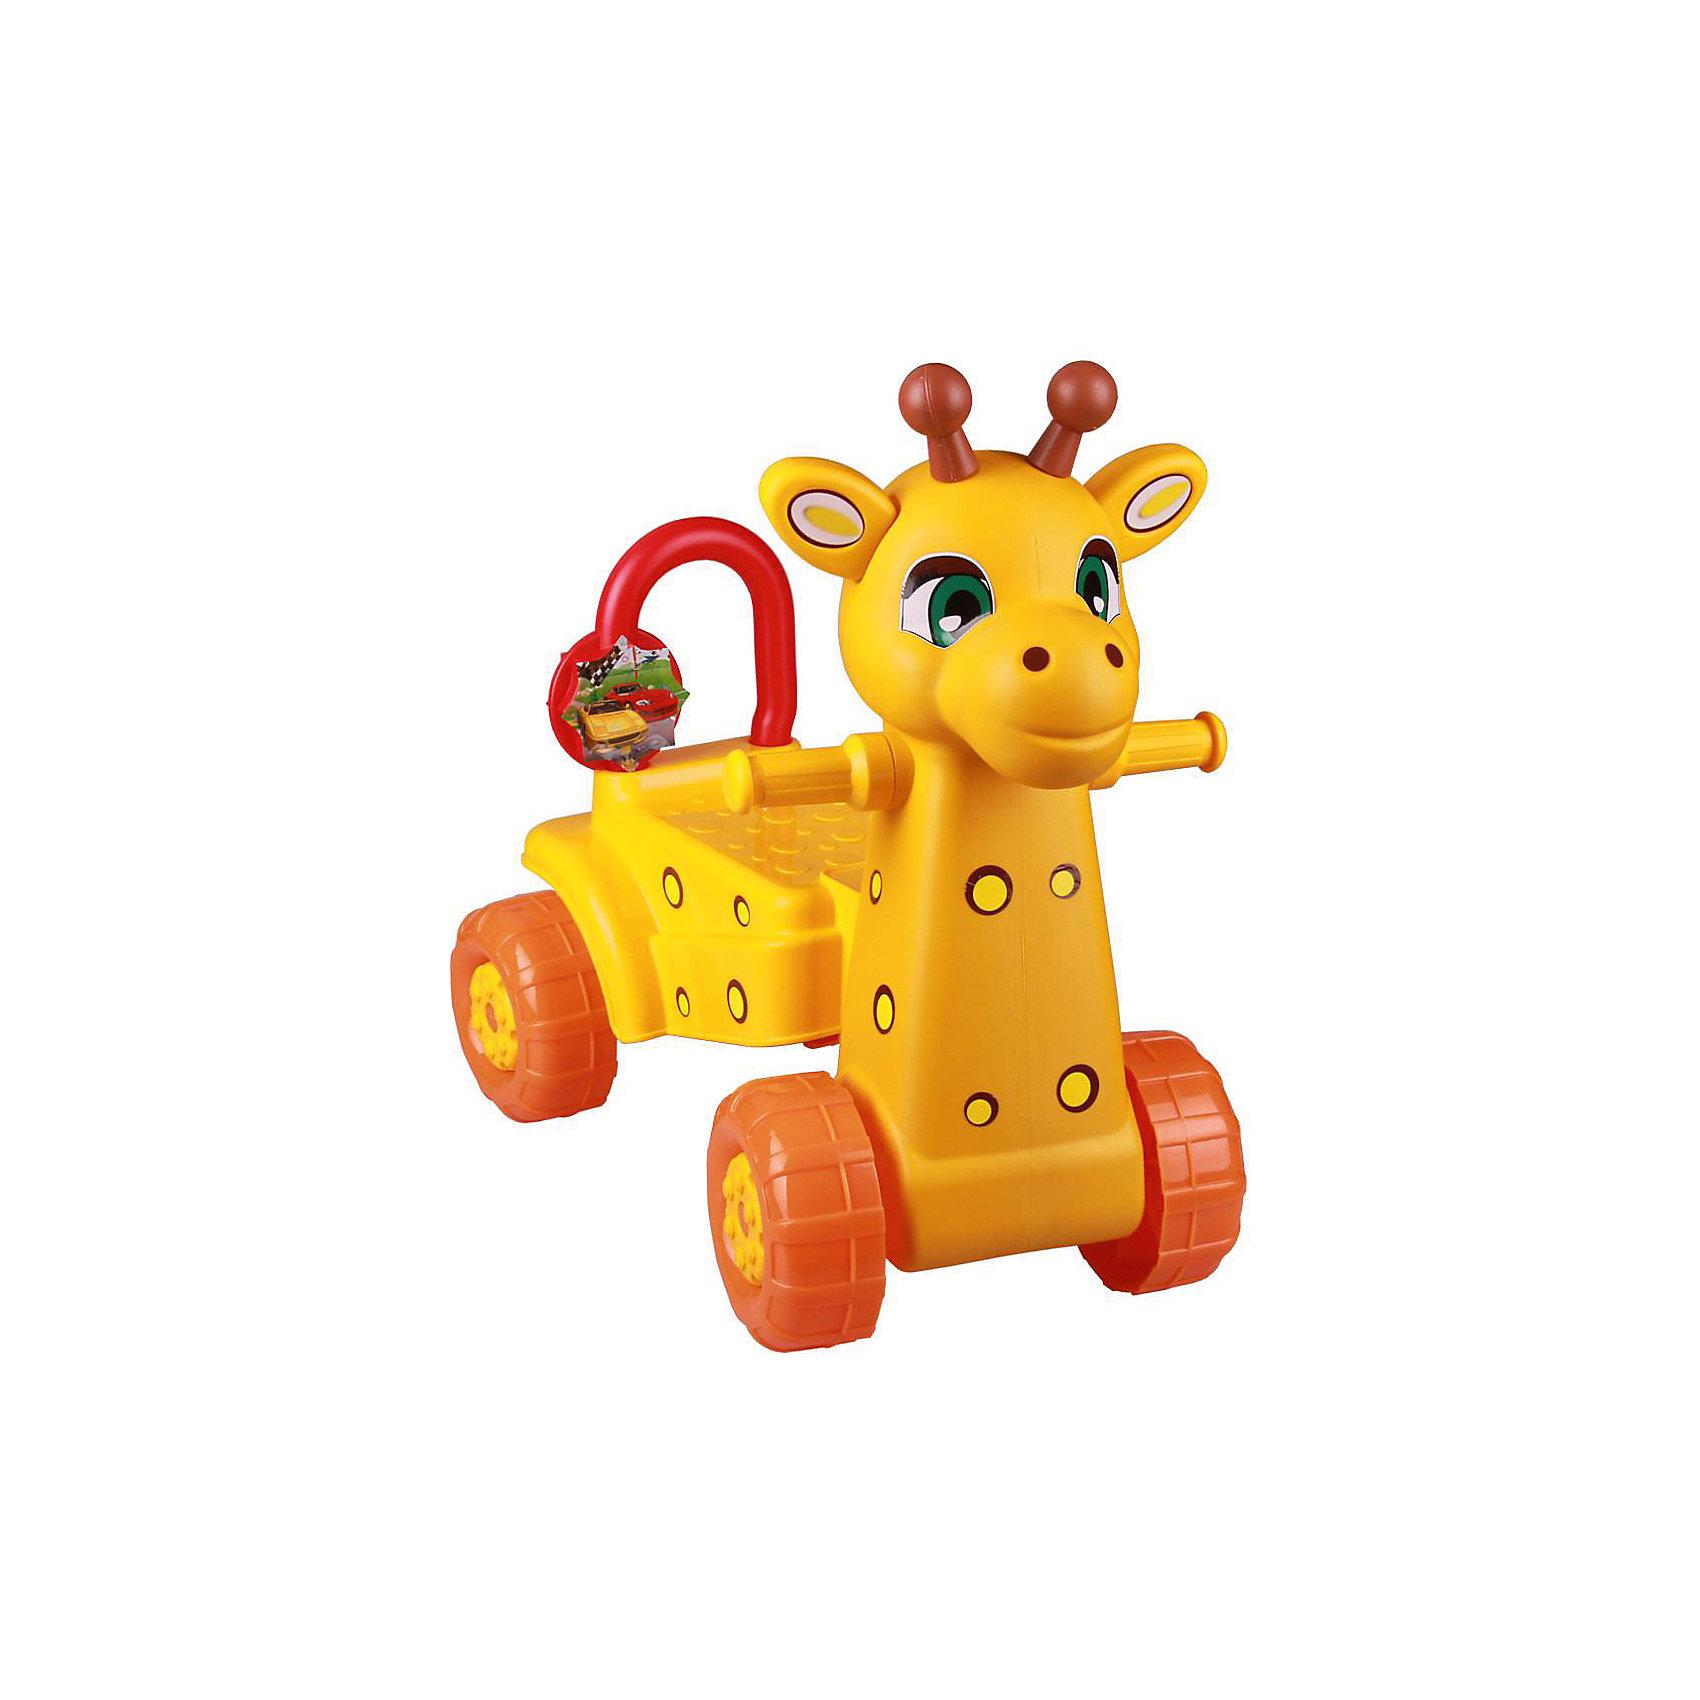 Каталка детская Жираф ,  Alternativa, желт.Машинки-каталки<br>Чтобы покататься на жирафе, совсем не обязательно ехать в Африку. Жираф - каталка выглядит почти как настоящий: у него есть ушки, рога, хвостик и даже пятнышки. Удобная спинка сидения и ручки не дадут ребенку упасть. Передвигаться на этой каталке малыш будет с удовольствием!<br><br>Дополнительная информация:<br>Цвет: желтый<br>Материал: пластик<br>Размер: 56х34х56 см<br><br>Каталку Жираф вы можете купить в нашем интернет-магазине.<br><br>Ширина мм: 560<br>Глубина мм: 340<br>Высота мм: 560<br>Вес г: 2575<br>Возраст от месяцев: 36<br>Возраст до месяцев: 144<br>Пол: Унисекс<br>Возраст: Детский<br>SKU: 4979692